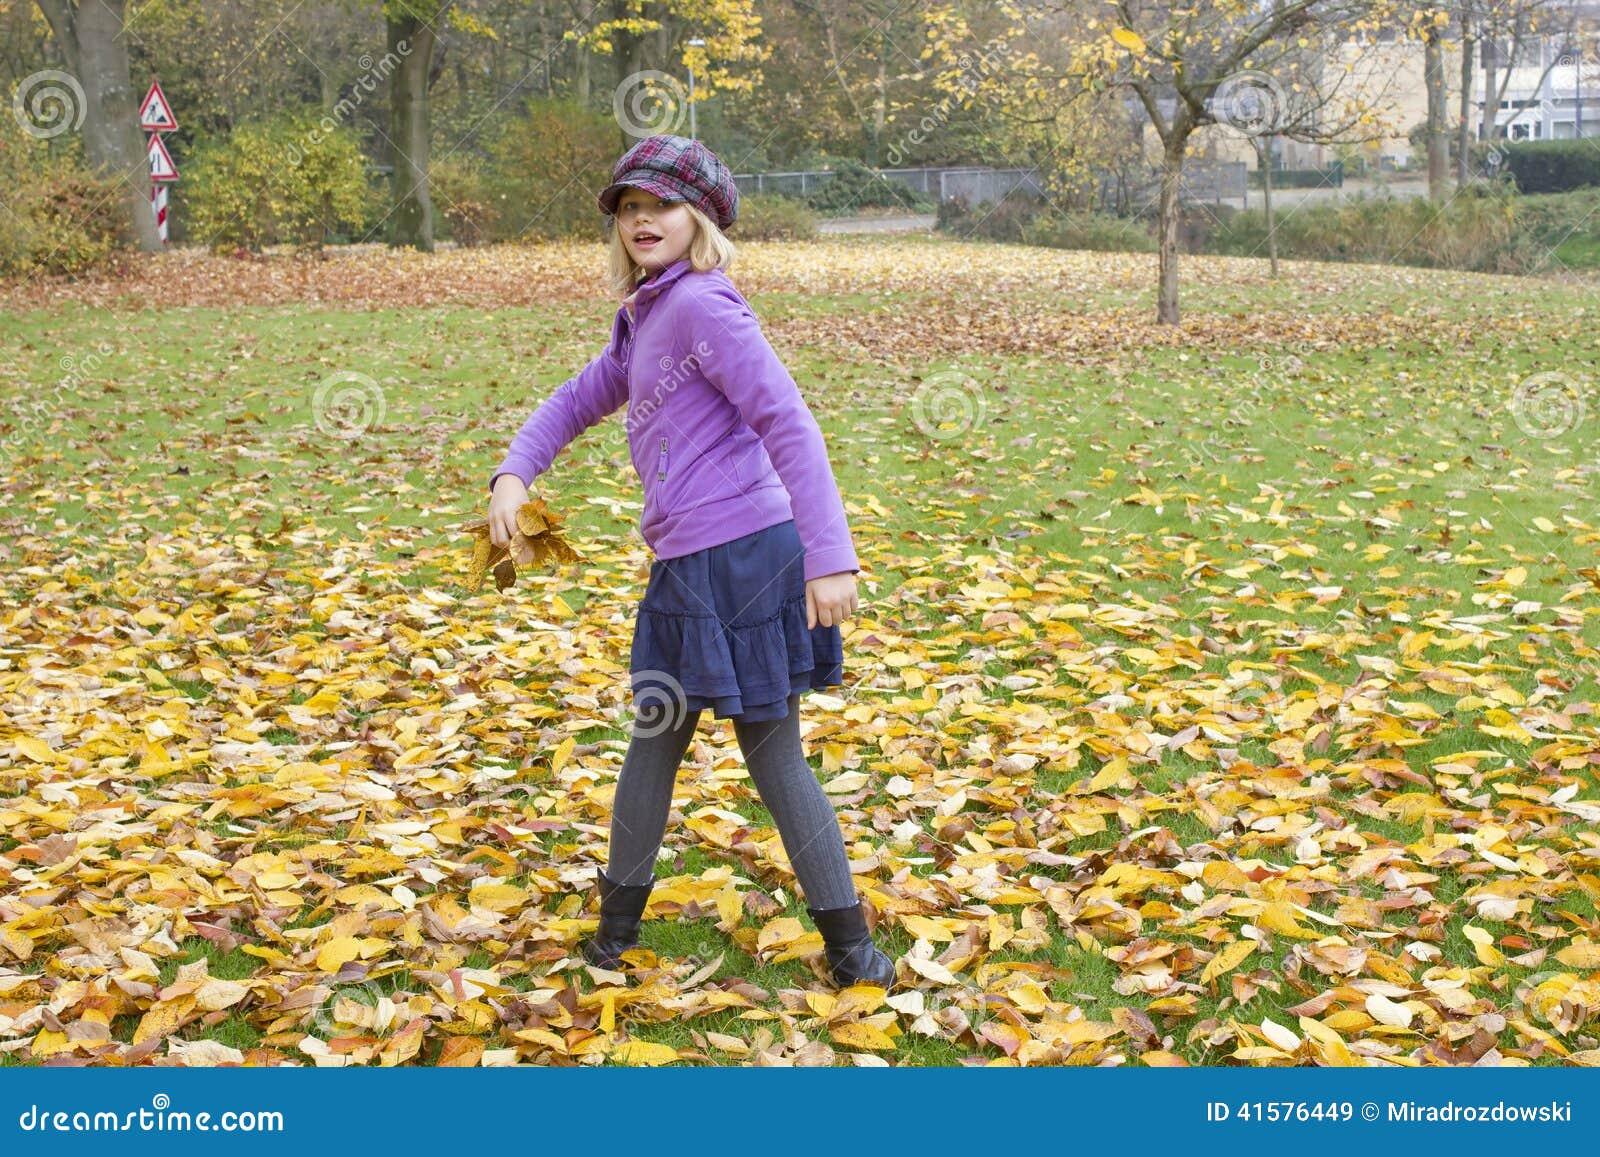 Juegos de la niña con las hojas de otoño